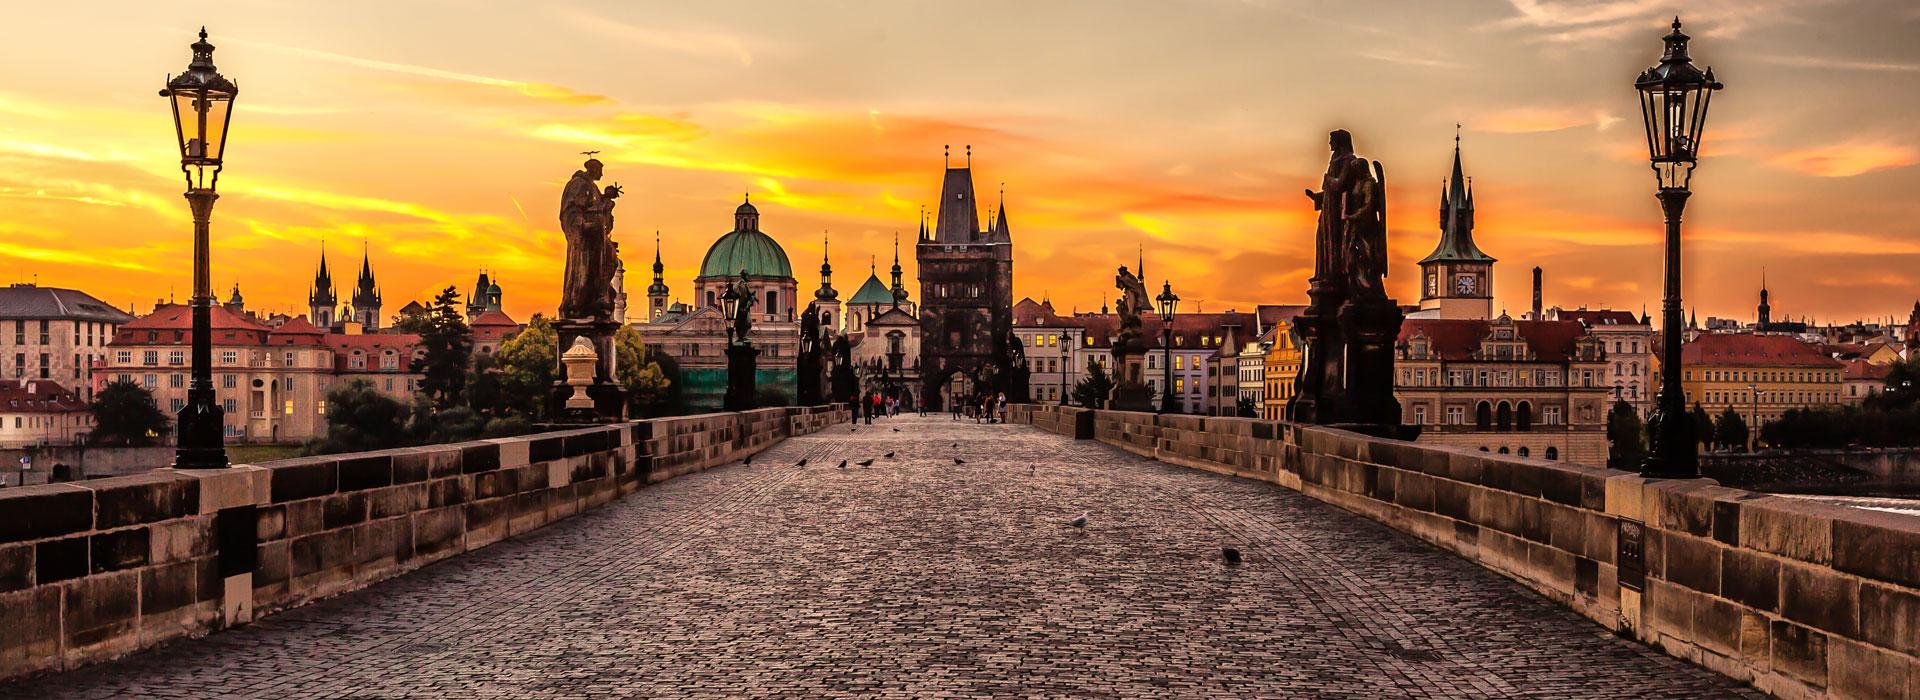 Prága különleges helyei